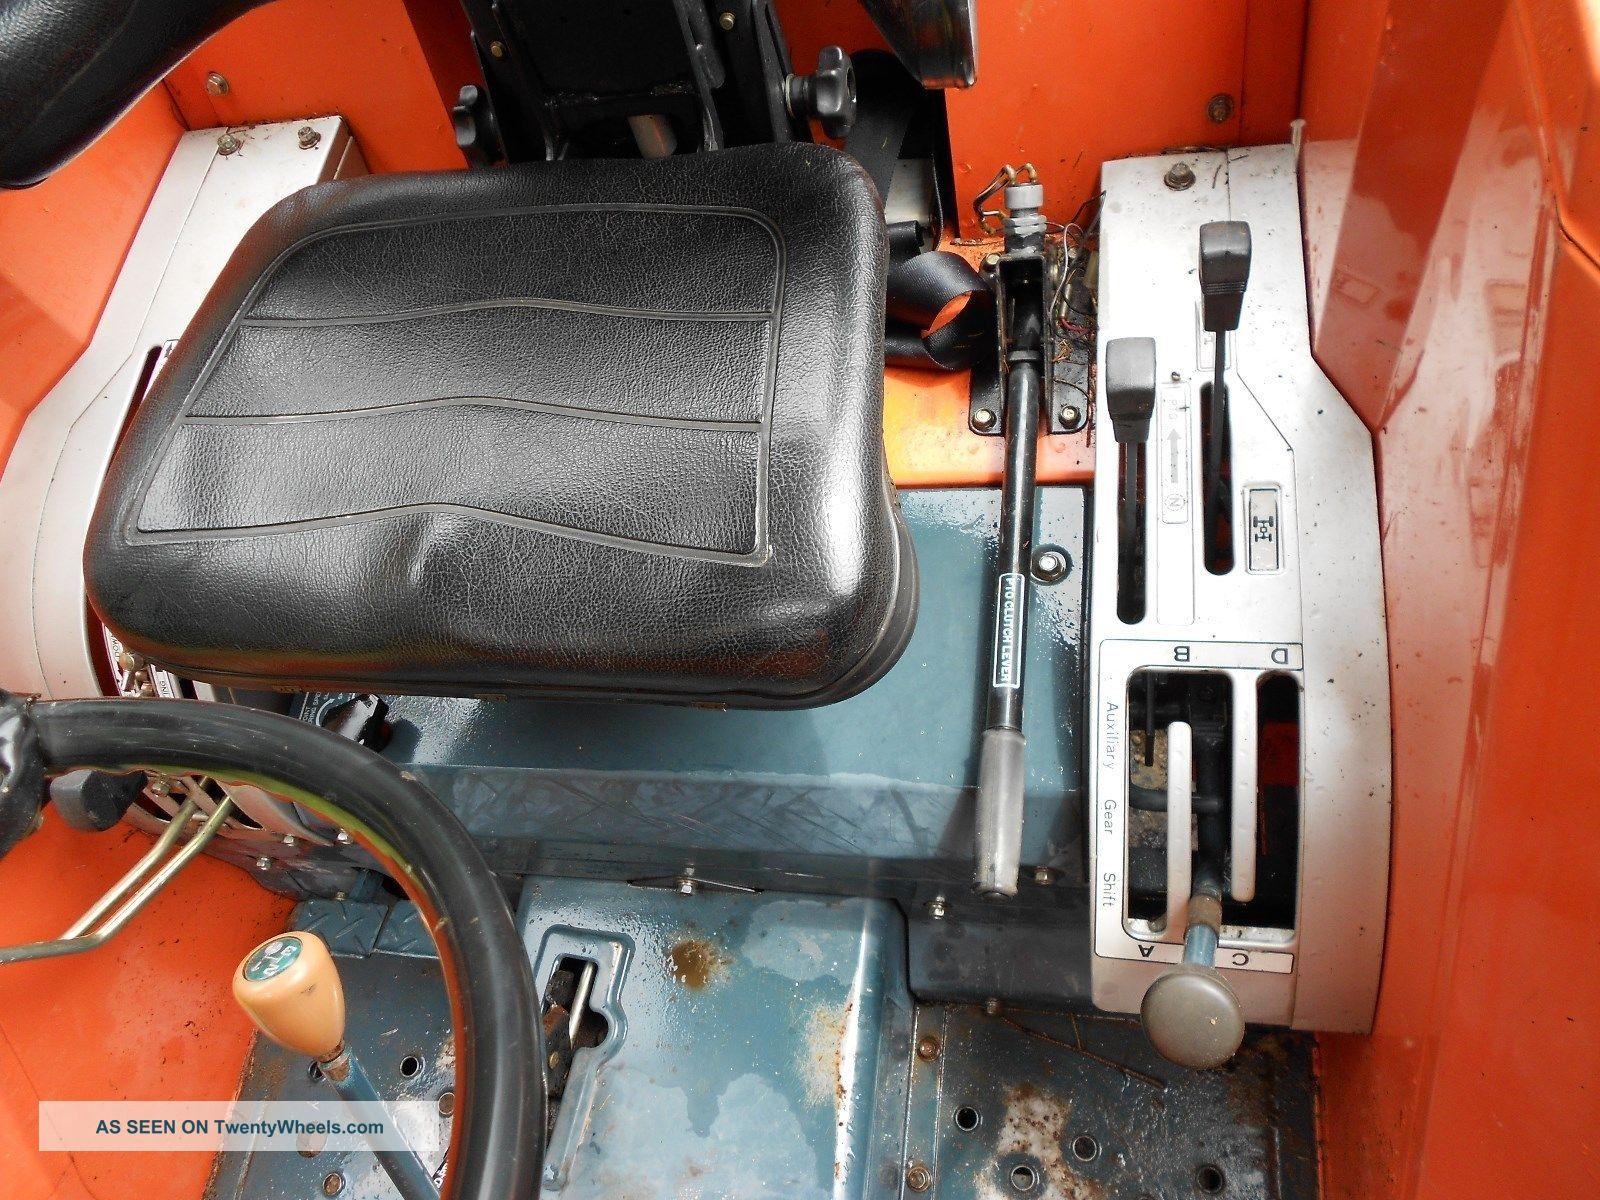 Kubota M4950dt Tractor Front Loader & Backhoe